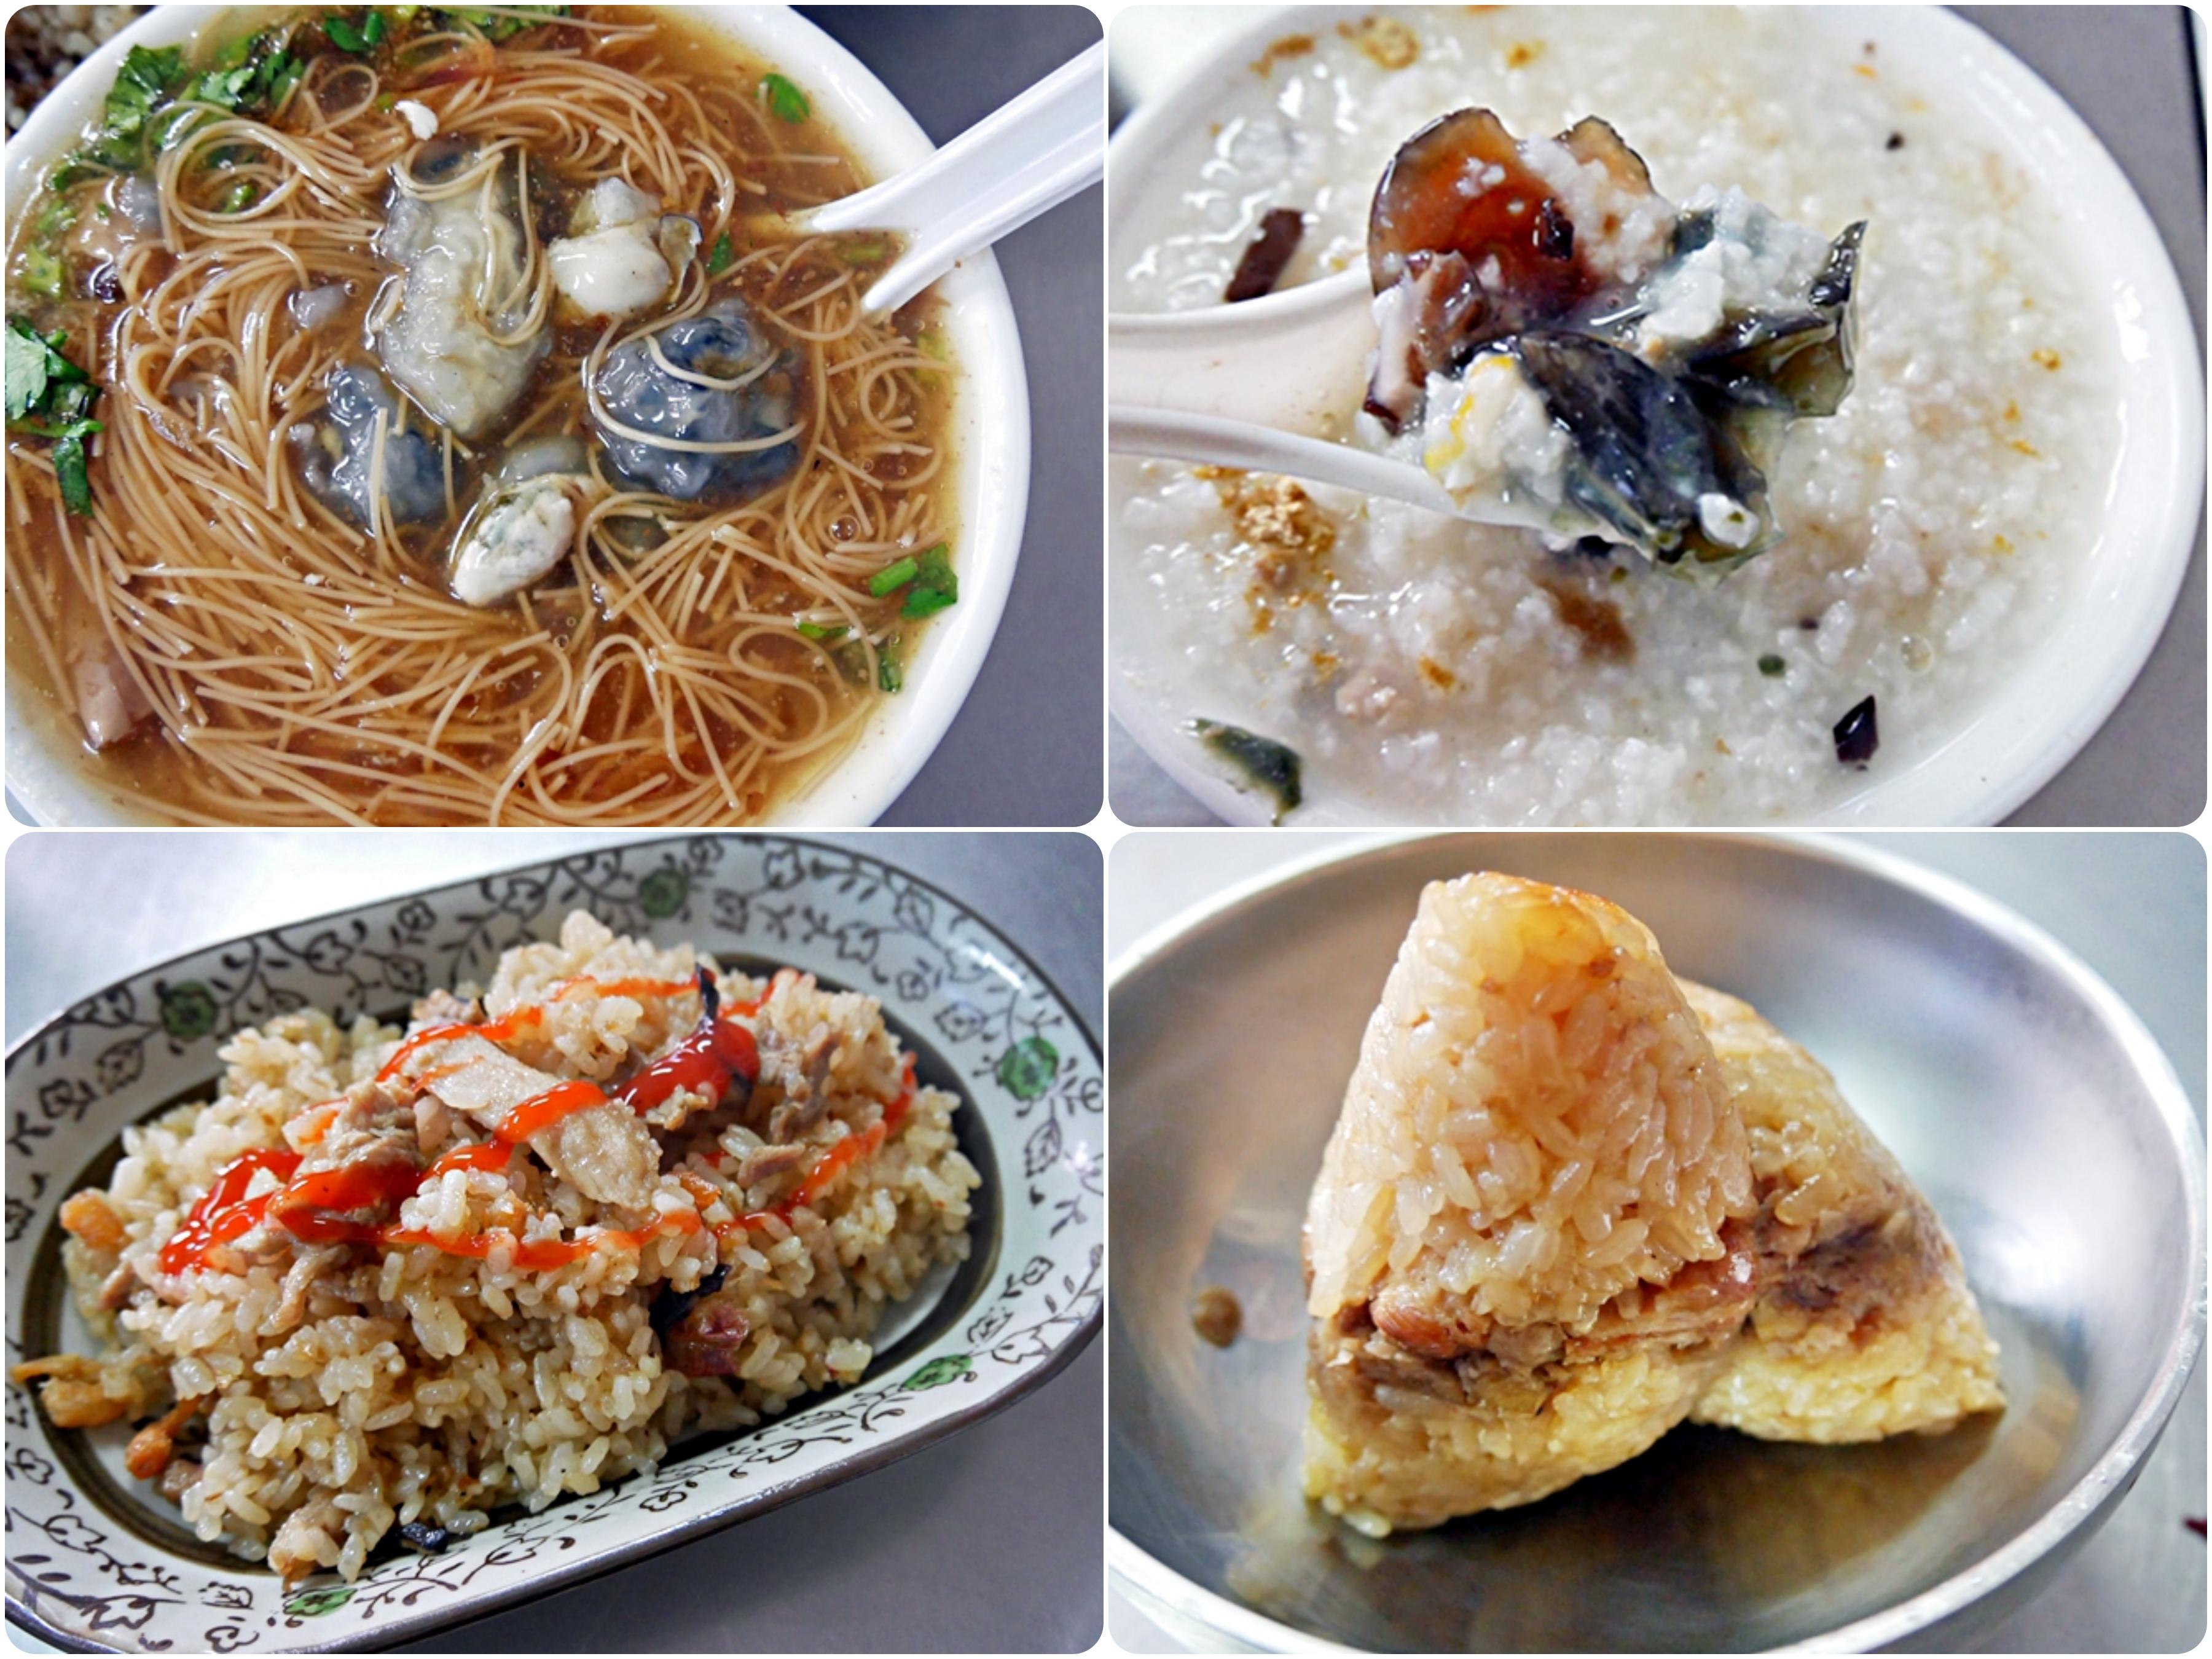 最新推播訊息:大甲土銀周邊推薦早餐 肉粽塗 蚵仔麵線 香菇瘦肉粥